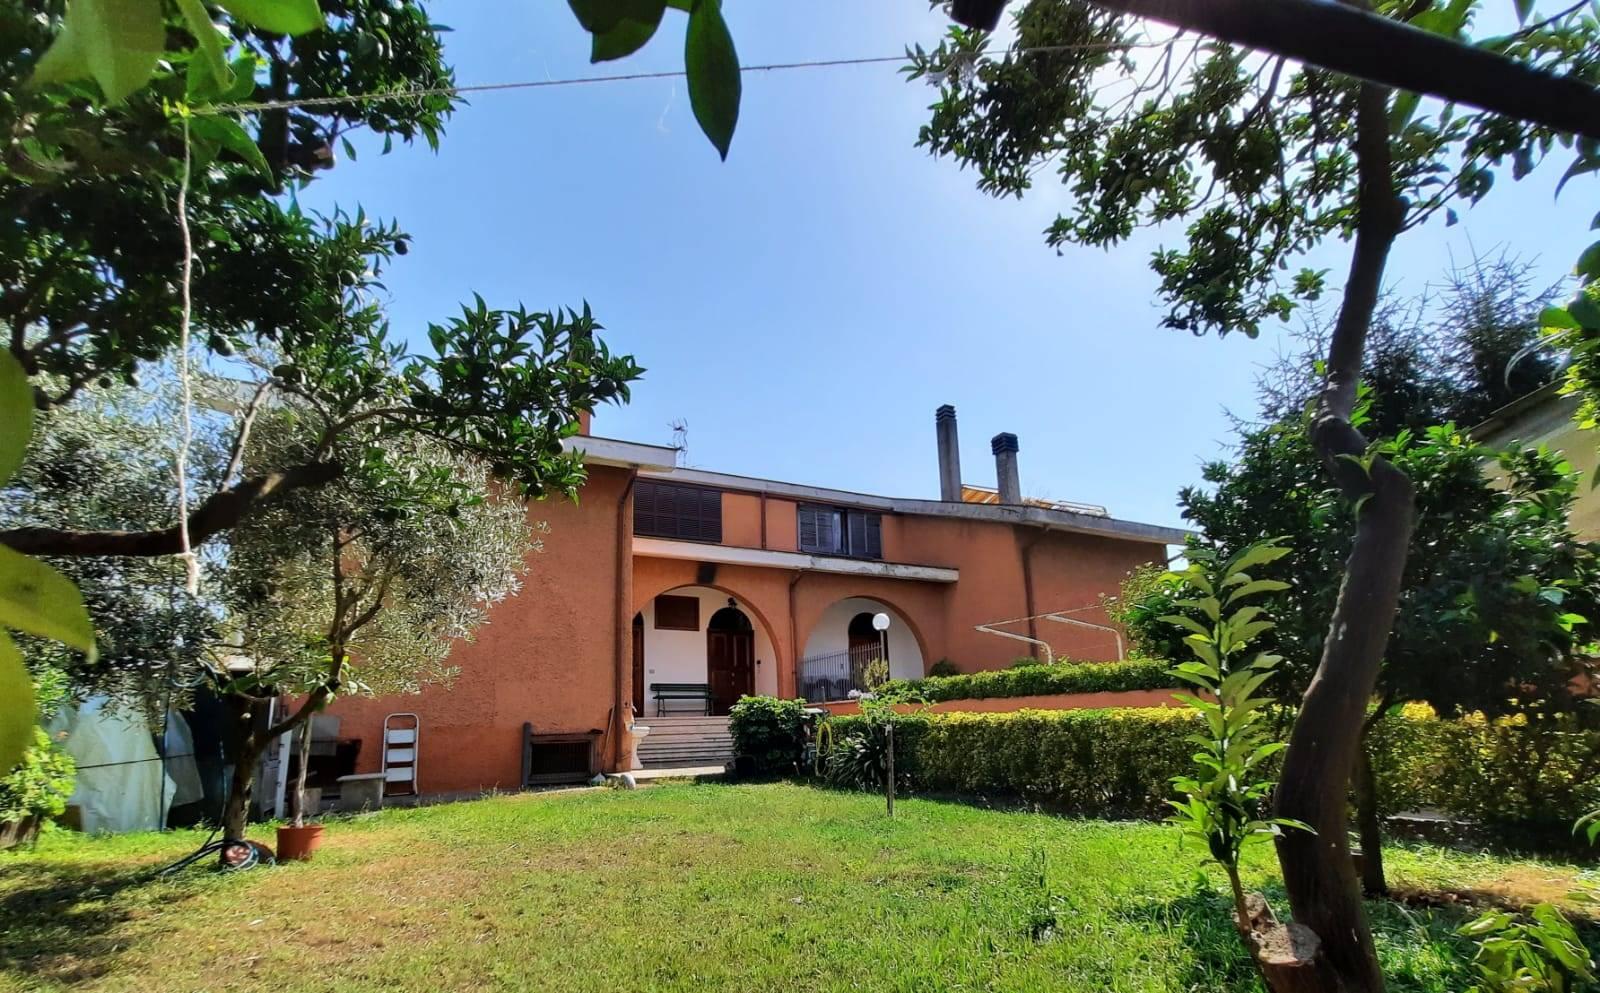 AURELIA, CASAL LUMBROSO MASSIMINA, a solo 2 km. dal GRA, e precisamente in via della Massimilla, vendesi Appartamento trilocale di 90 mq. ca.